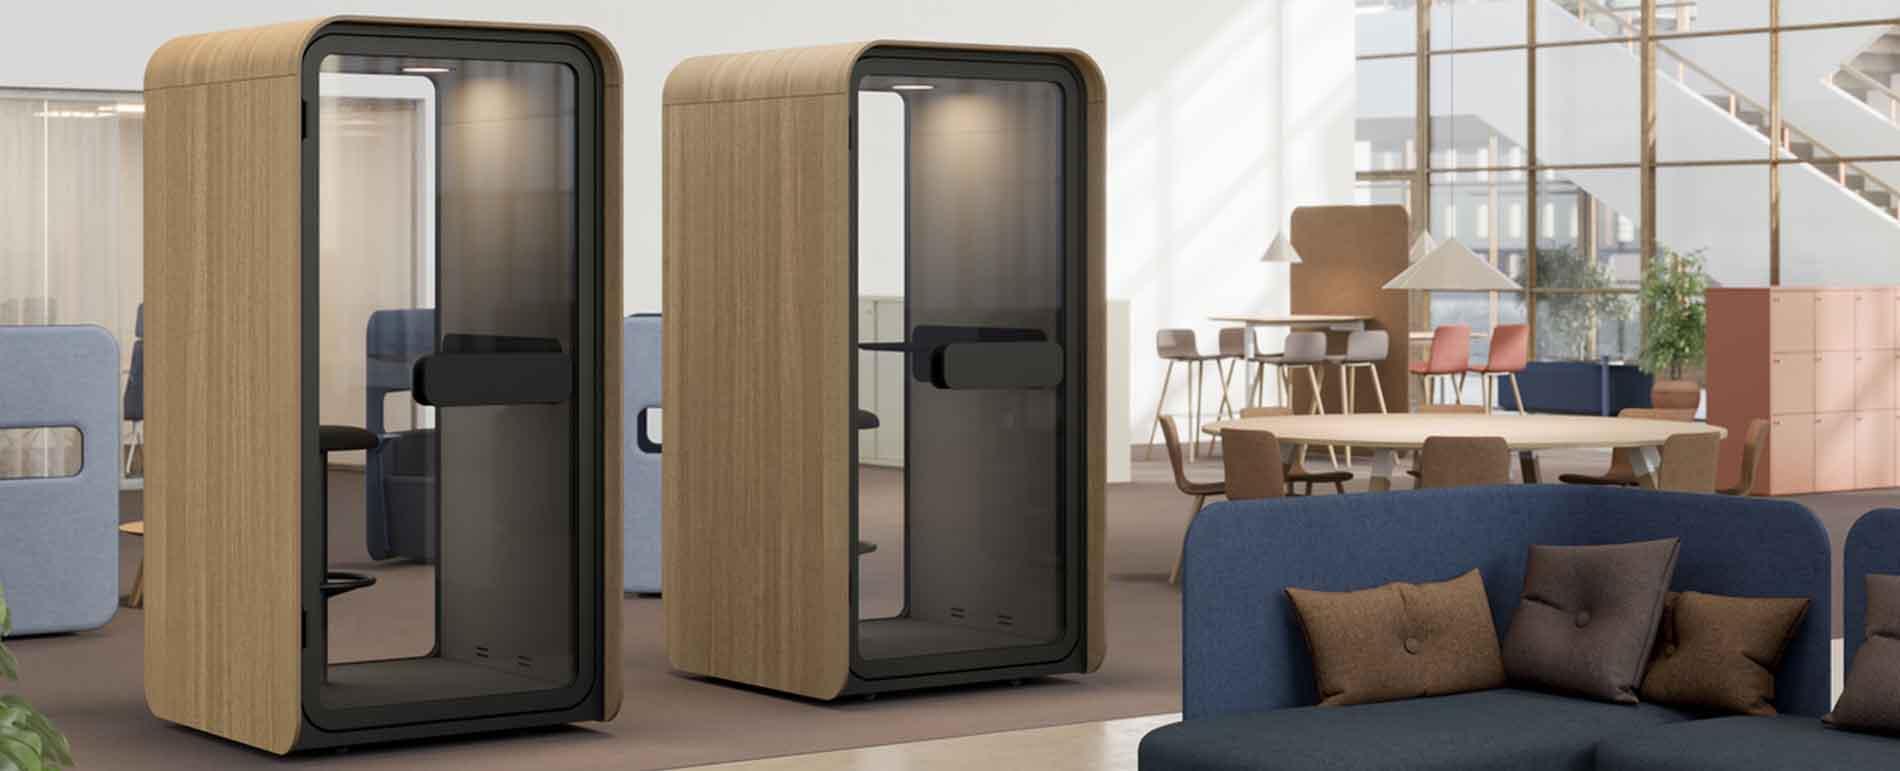 cabinas insonorizadas para hablar por teléfono en oficinas abiertas y creativas